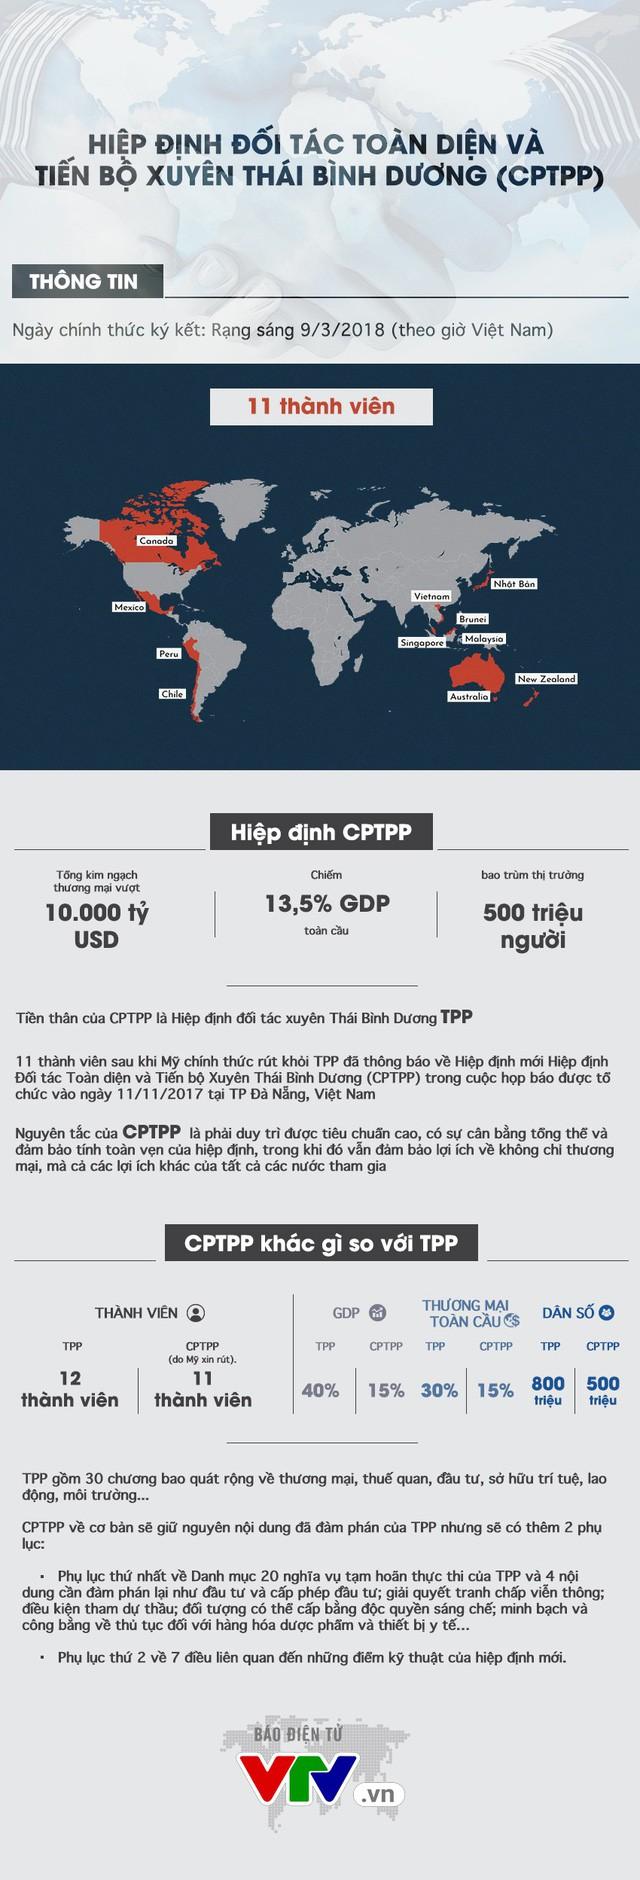 CPTPP - Những màn đàm phán kịch tính và sức hấp dẫn không thể bỏ qua - Ảnh 5.